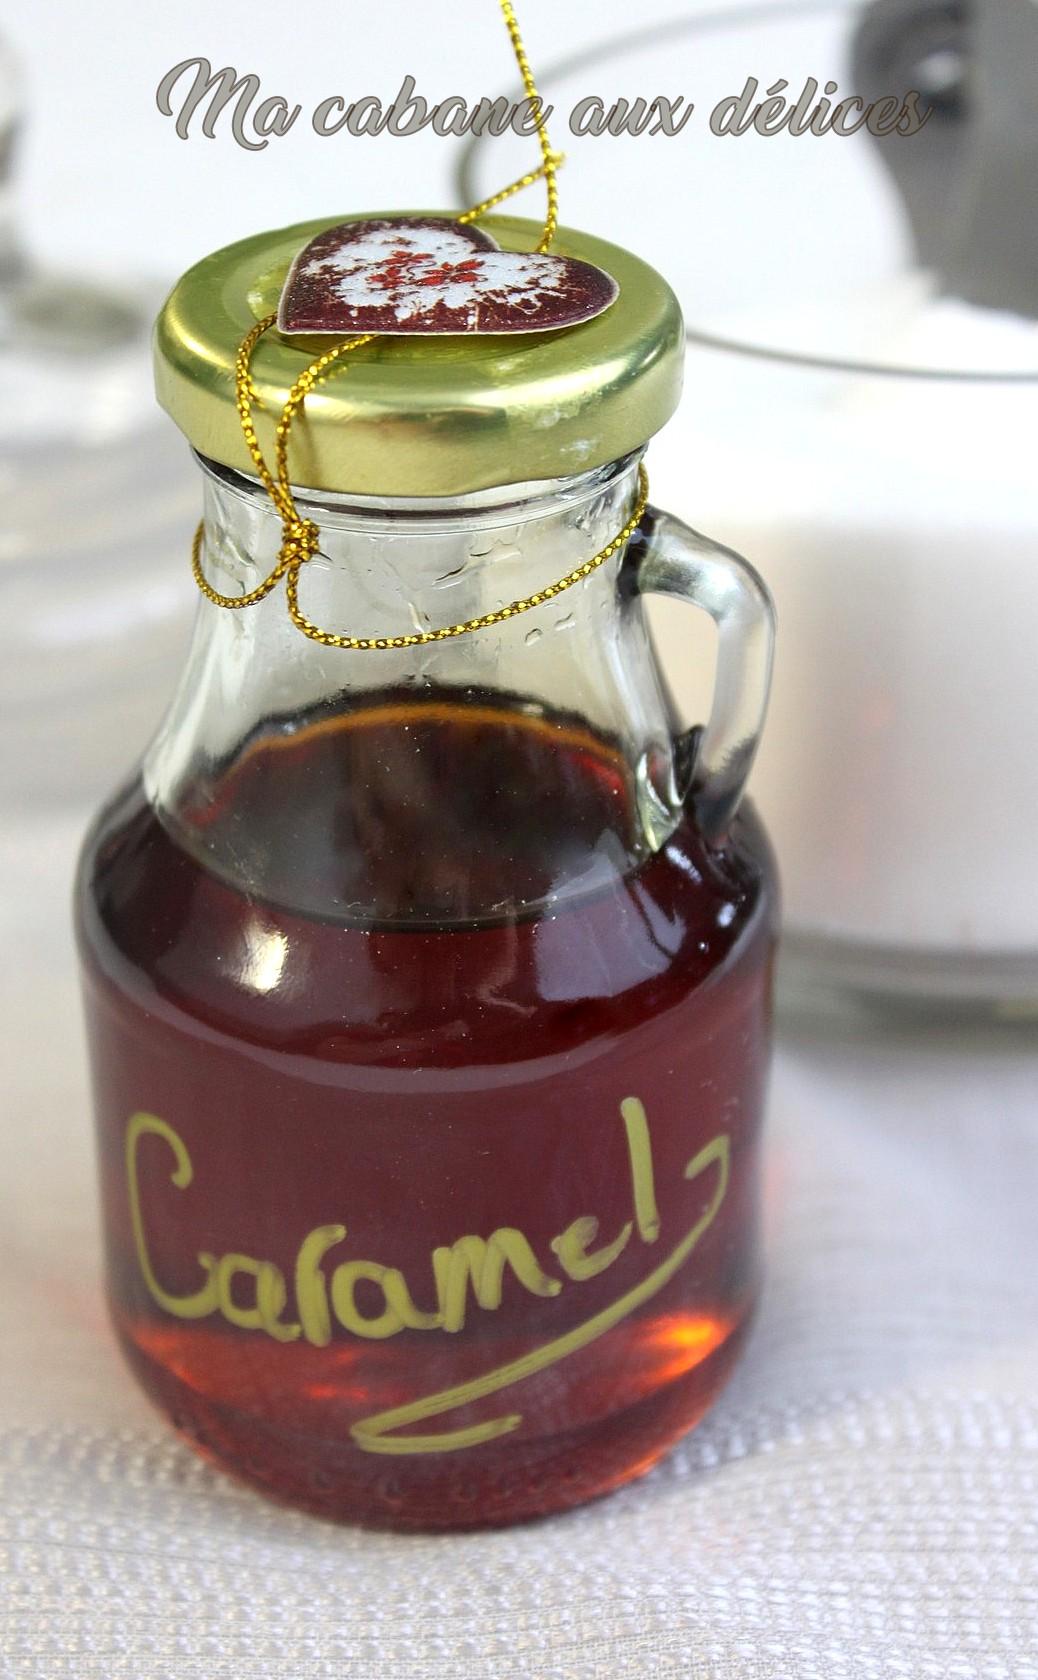 Recette caramel liquide maison